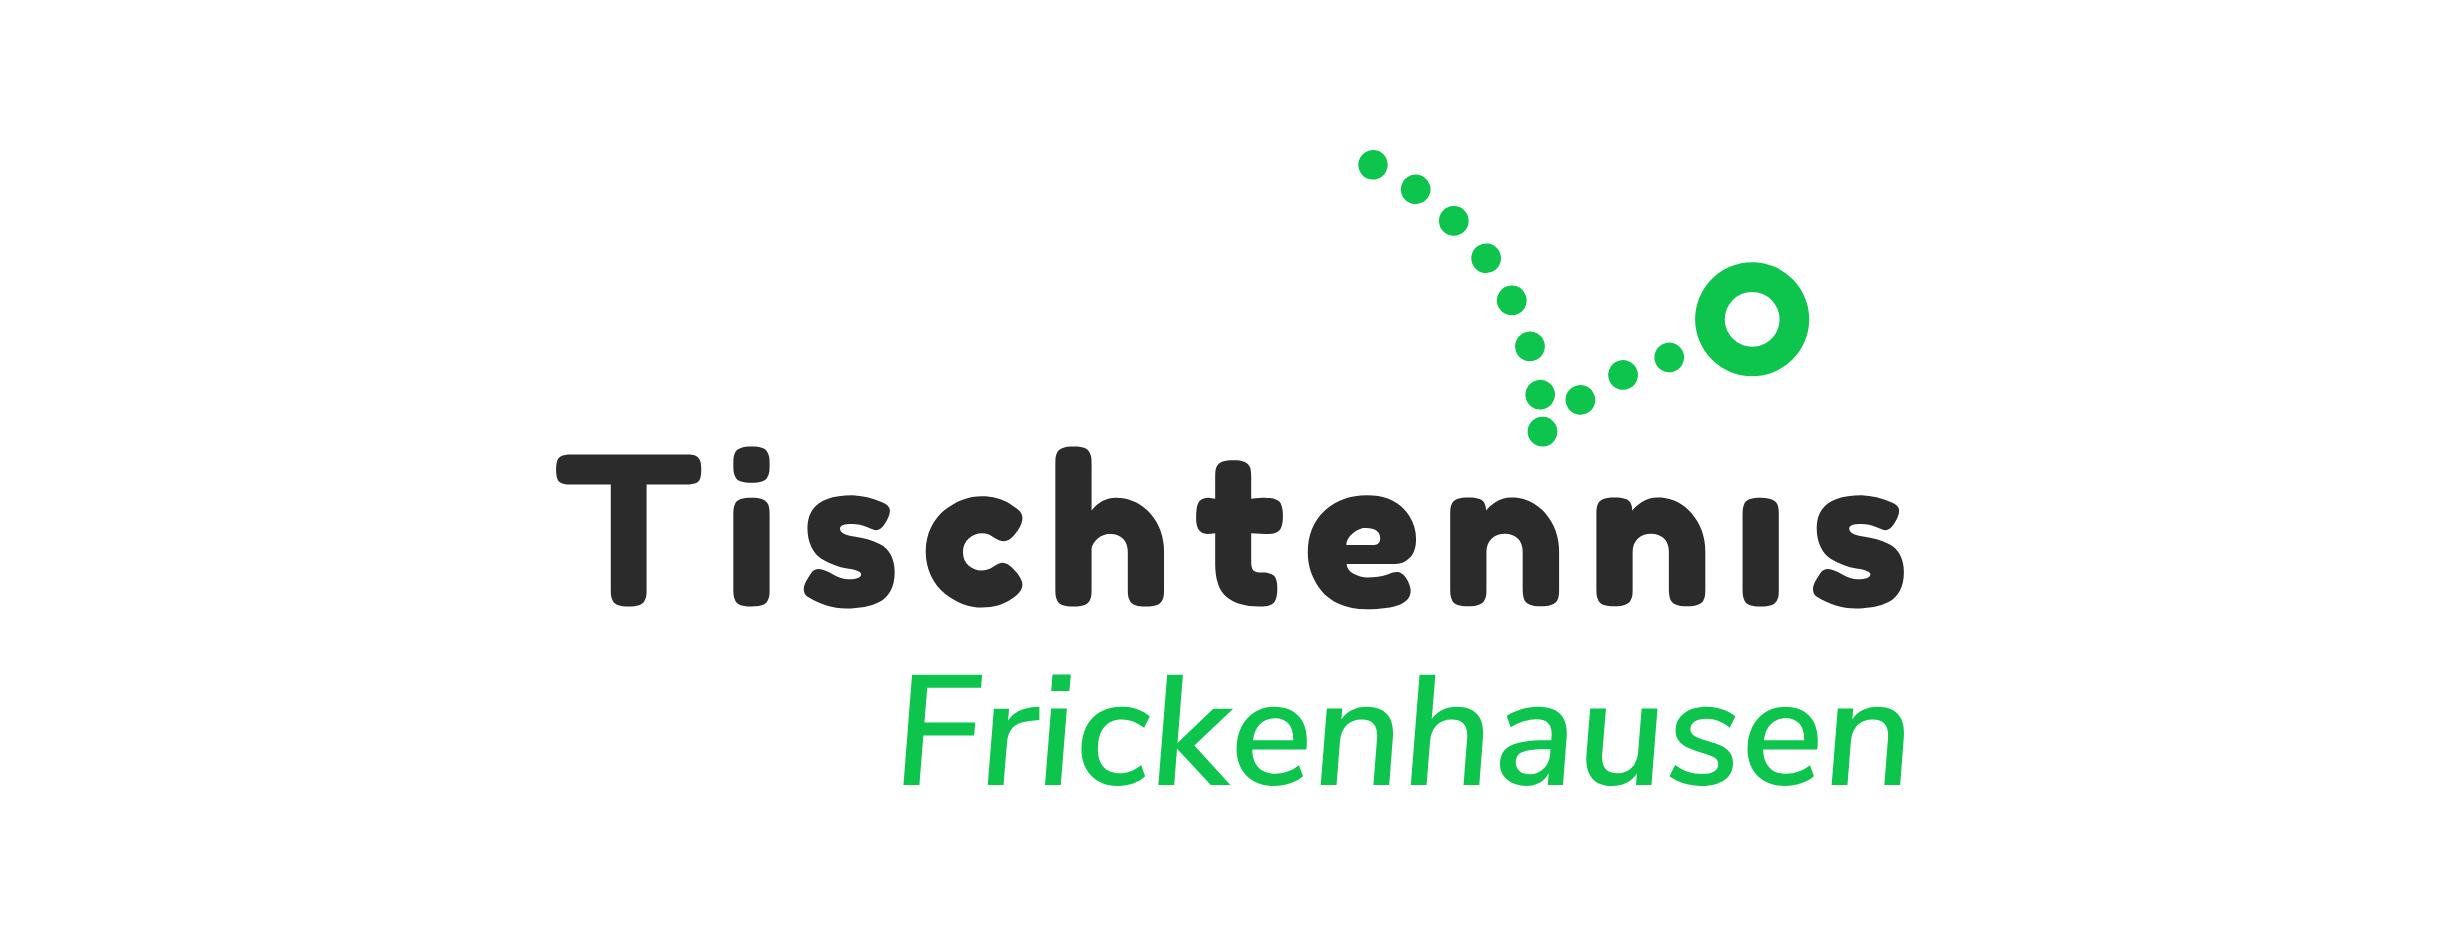 Tischtennis Frickenhausen Logo